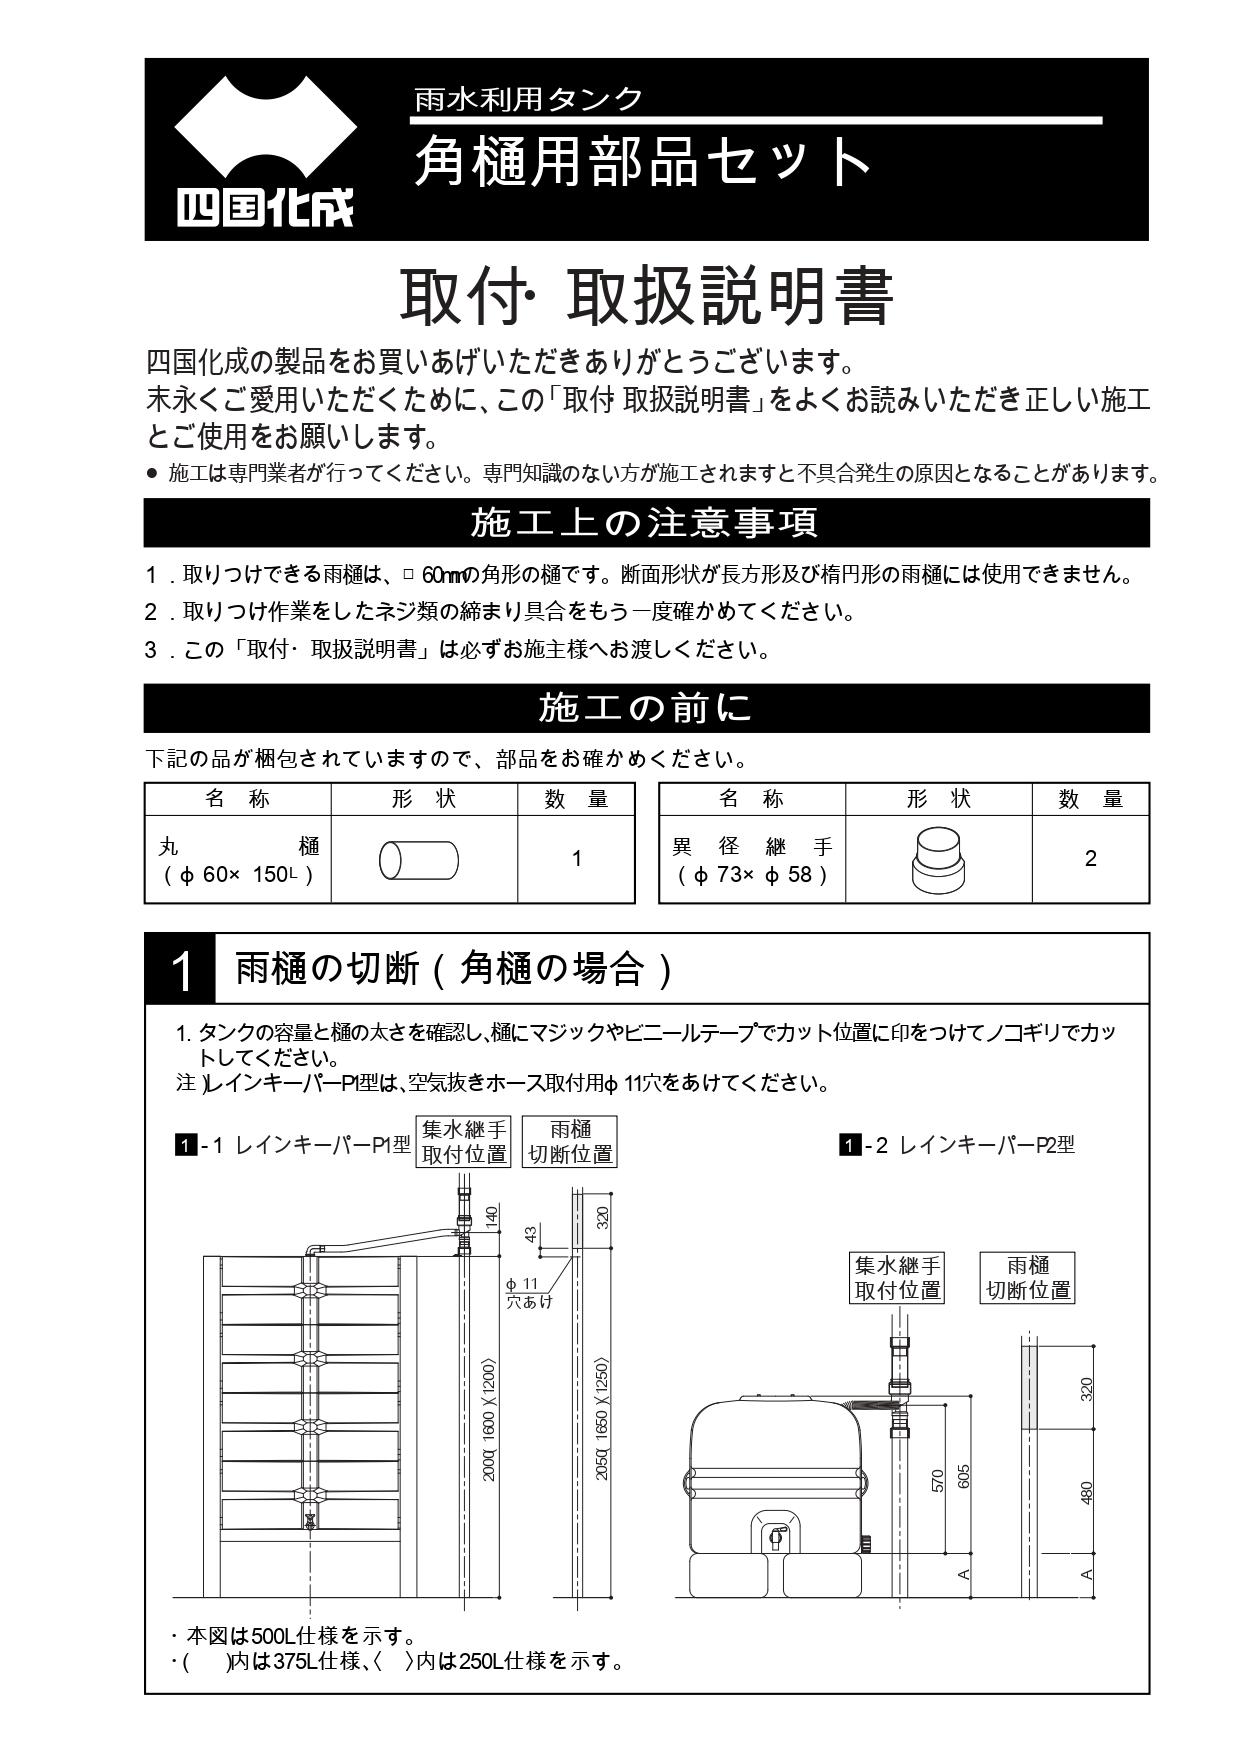 レインキーパーP2型 角樋セット 施工説明書_page-0001